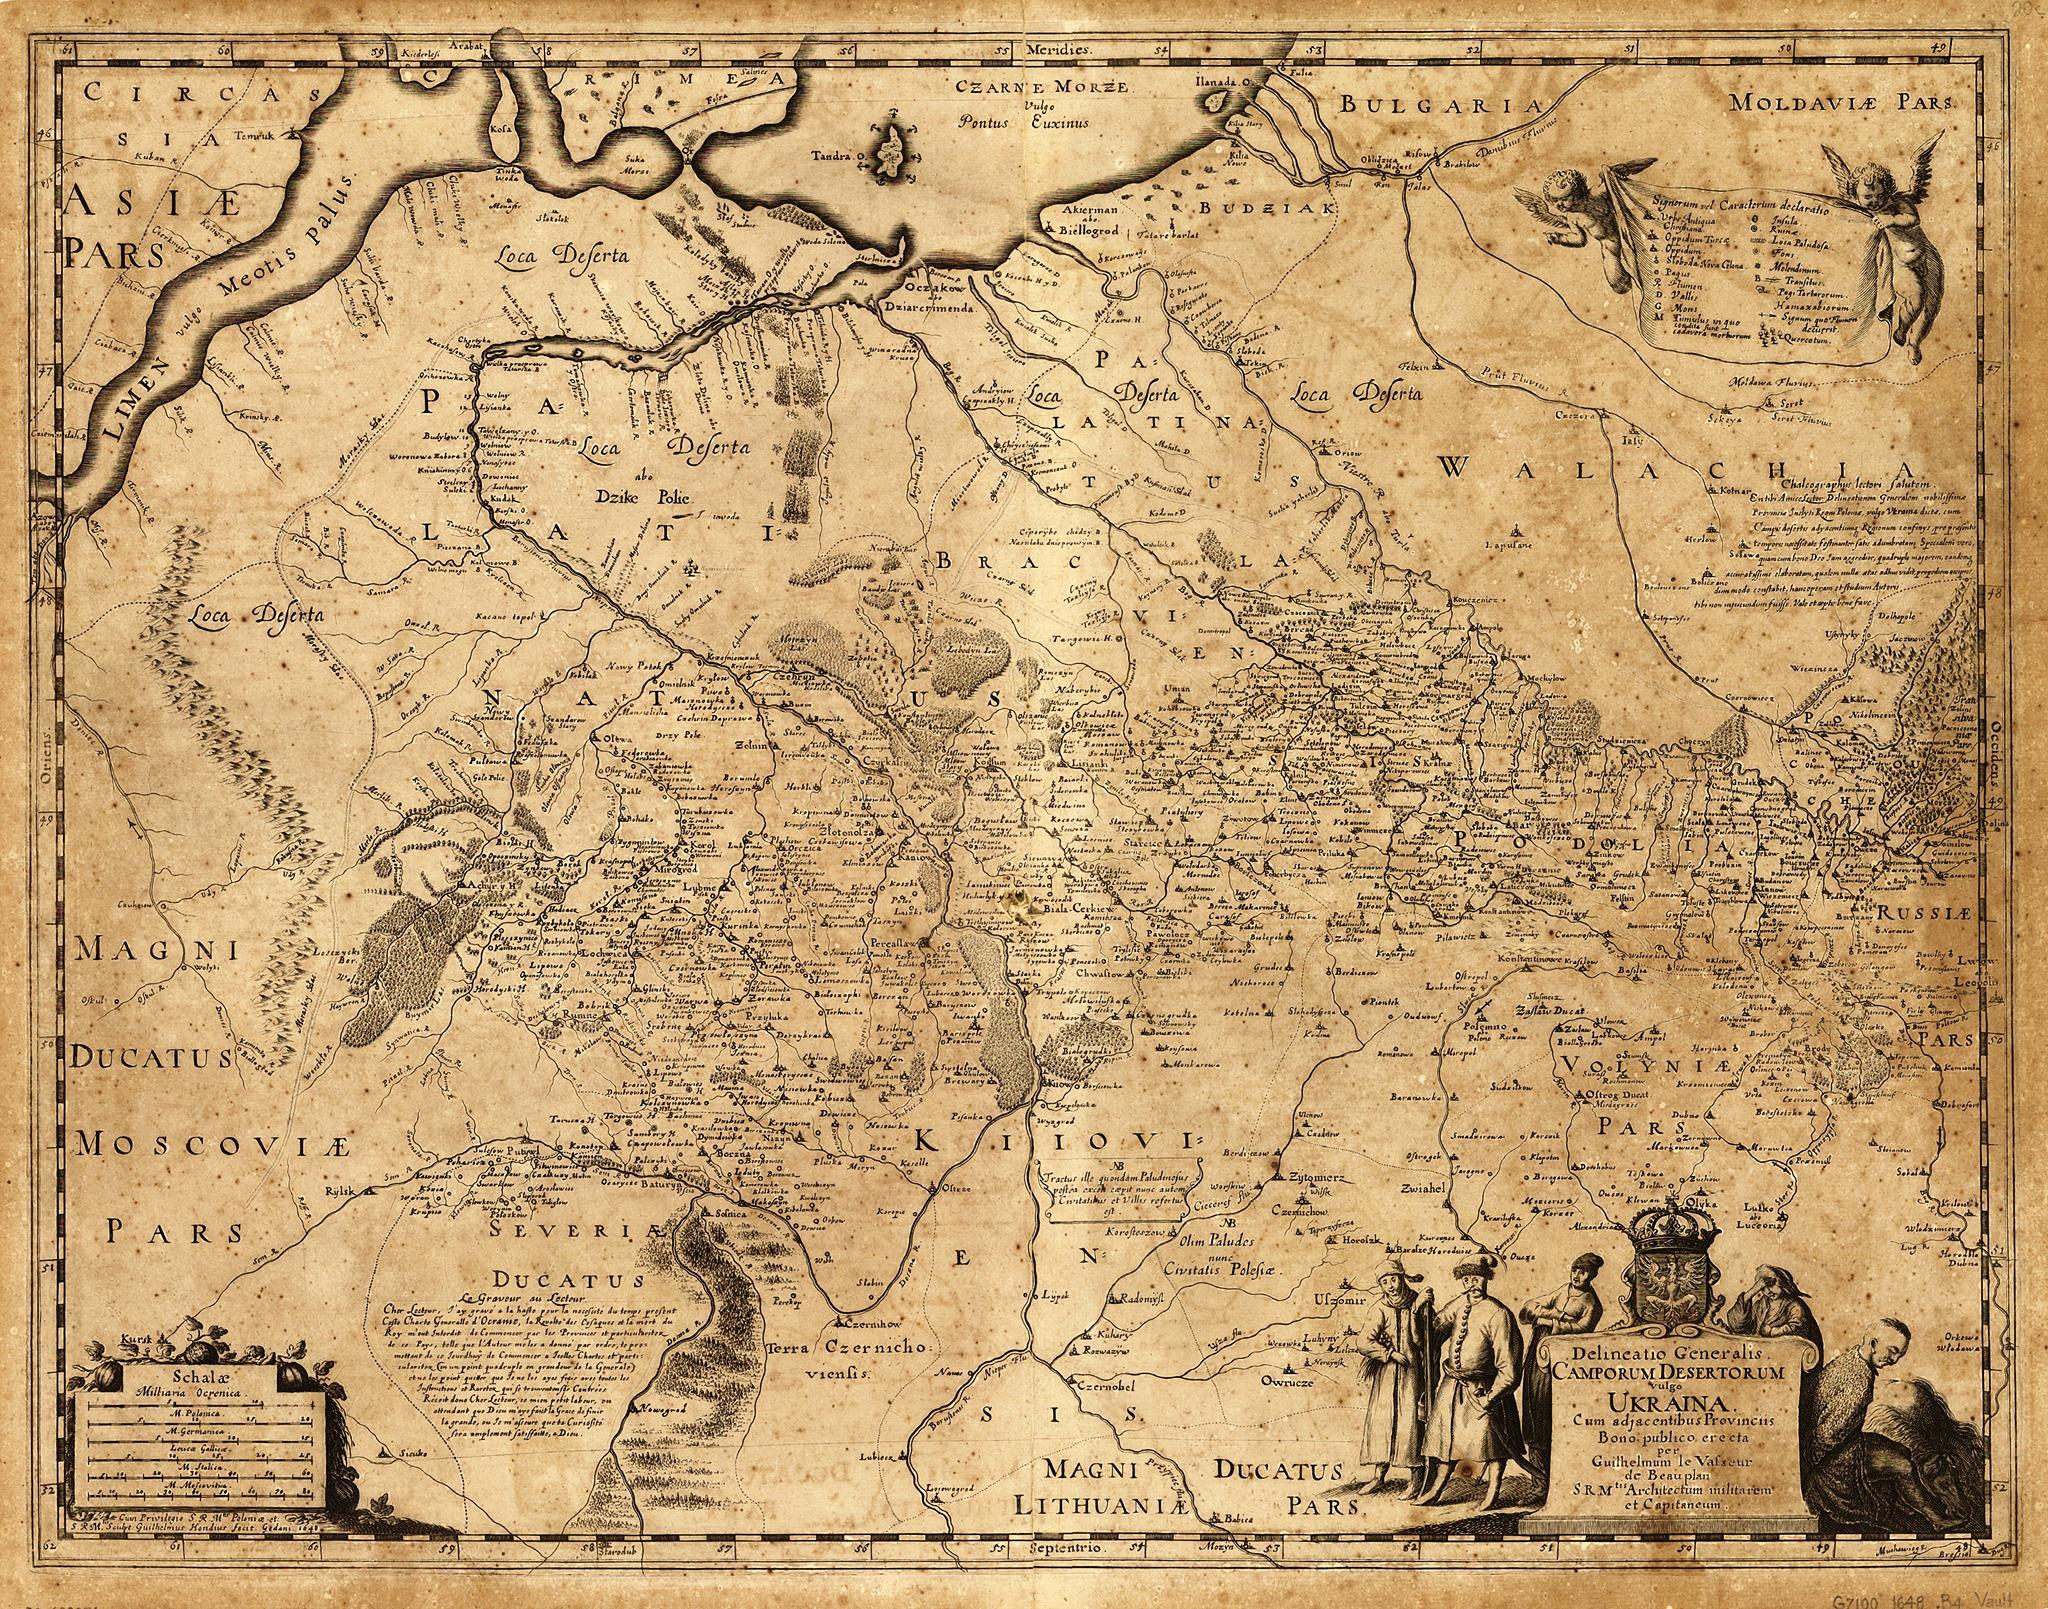 Суверенна Українська держава: Мапа України 1648 року (північ внизу)